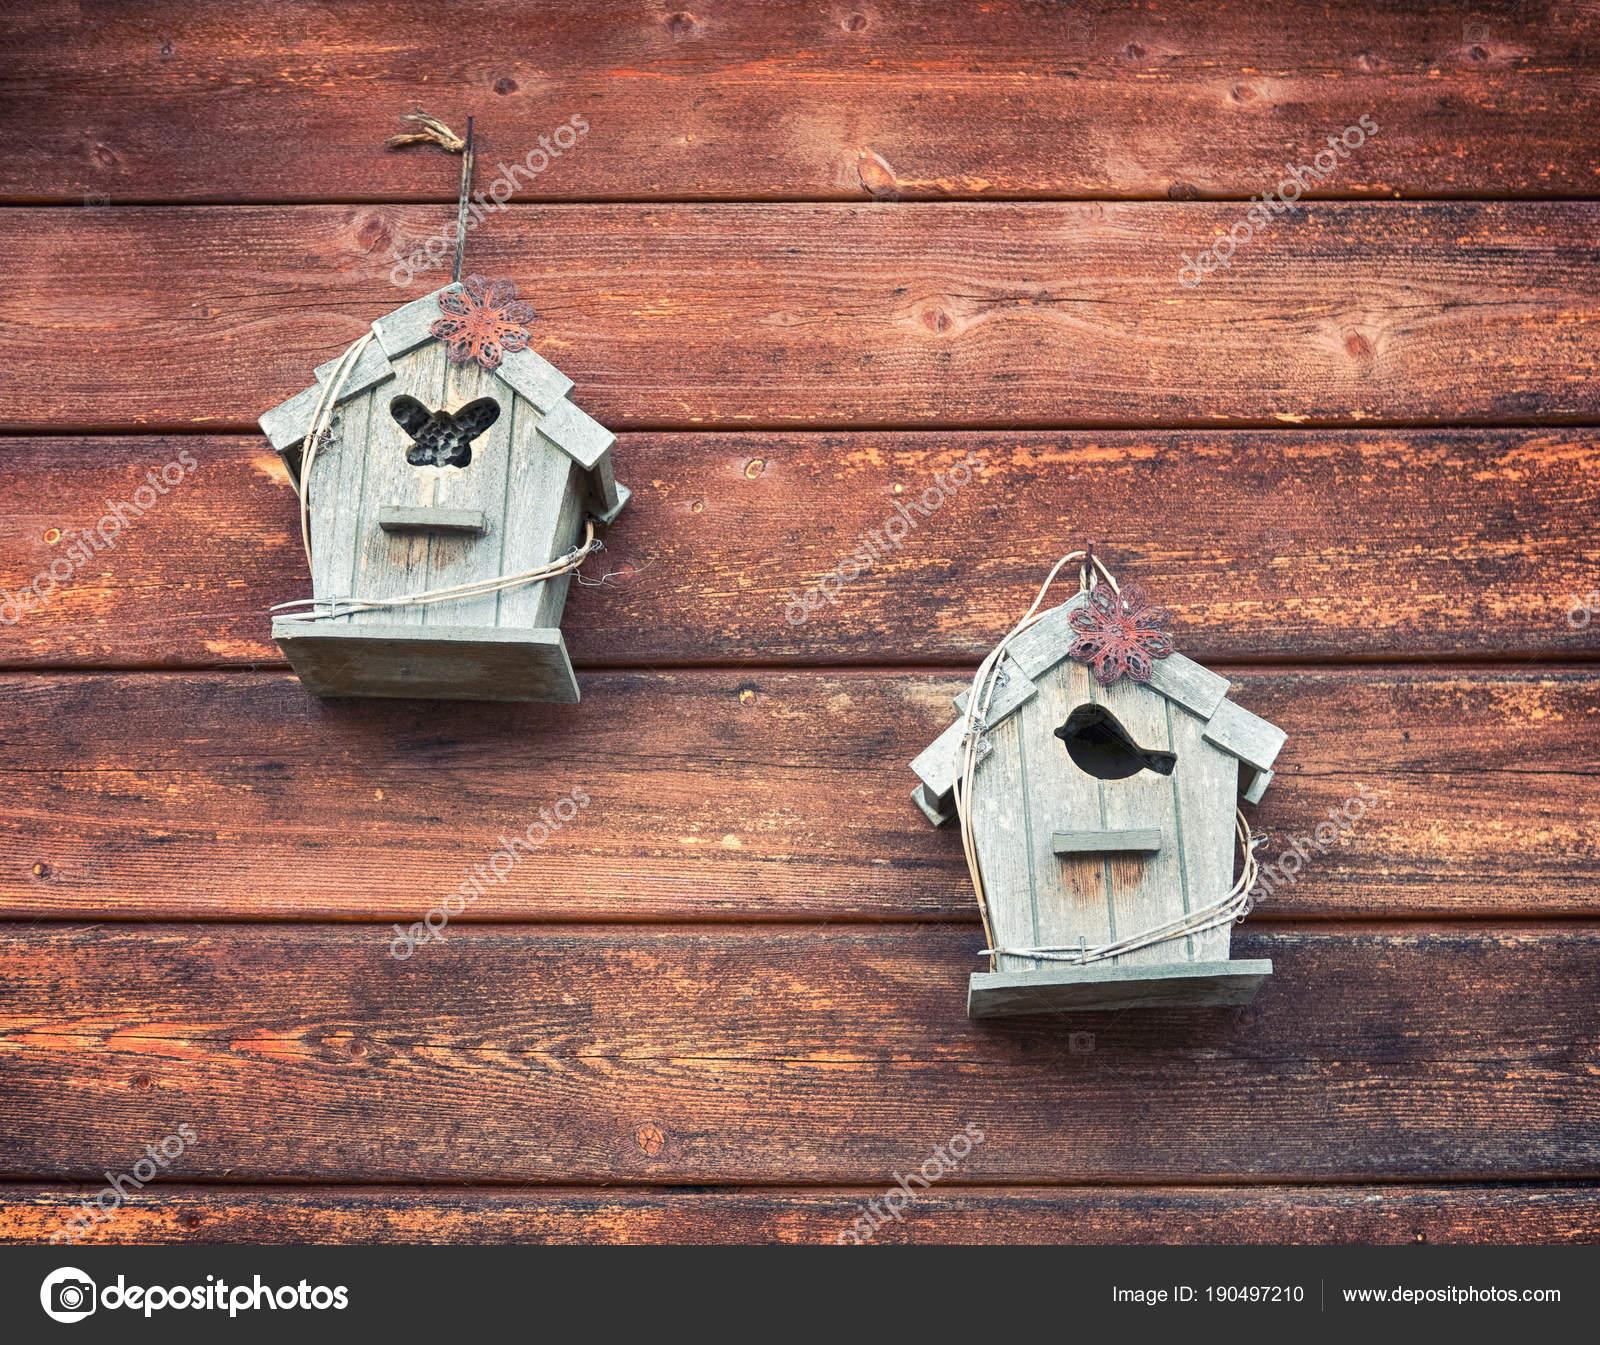 в старинном стиле и деревянные малые скворечники